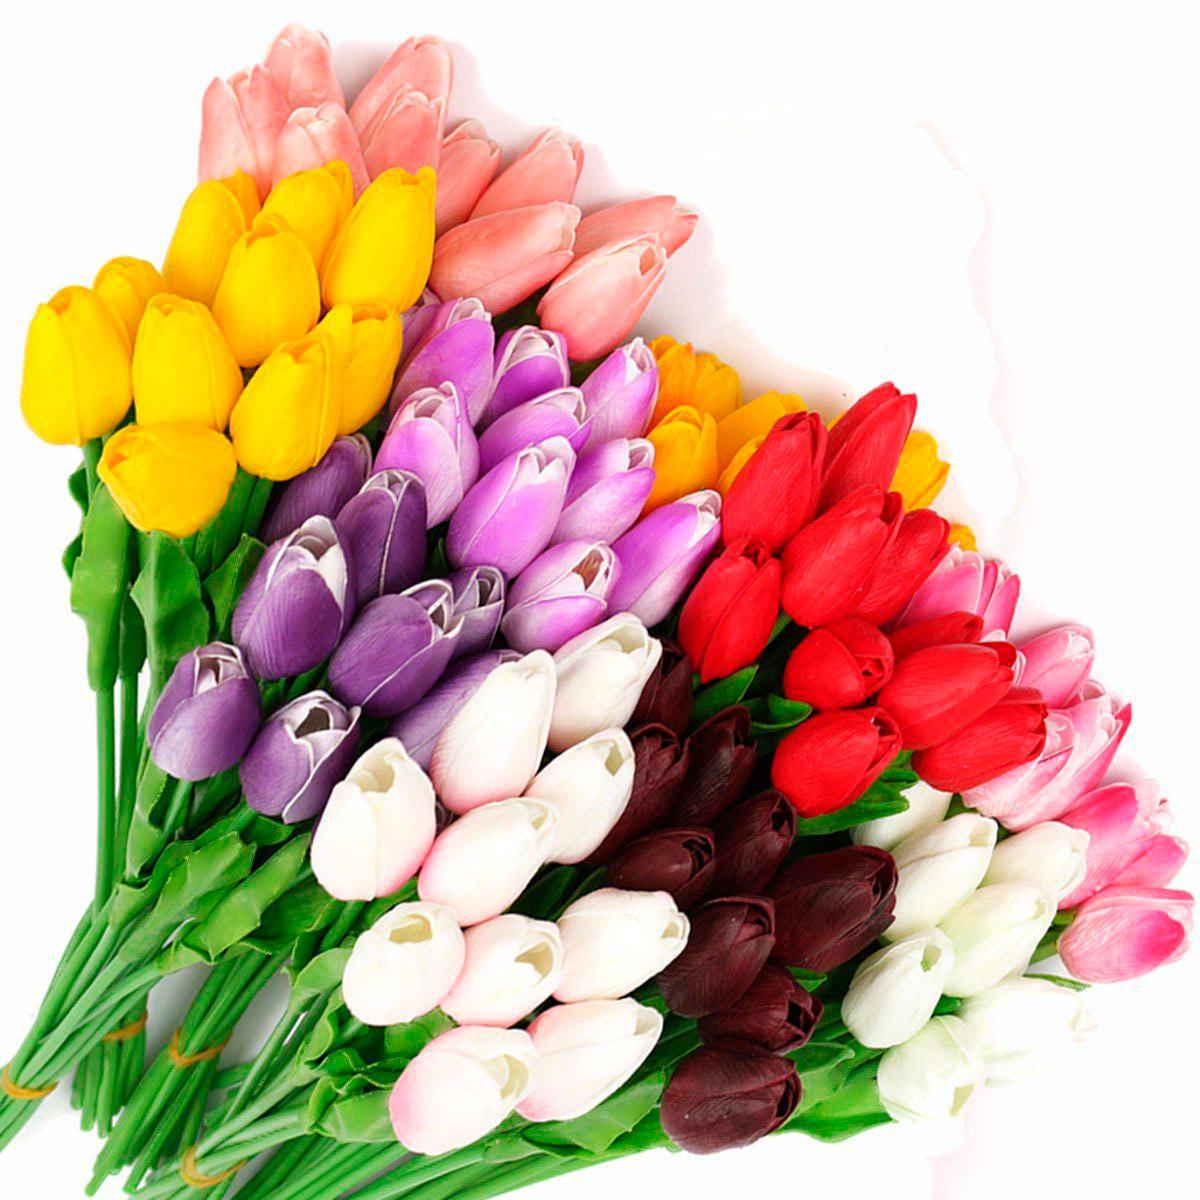 tulip-photo-174